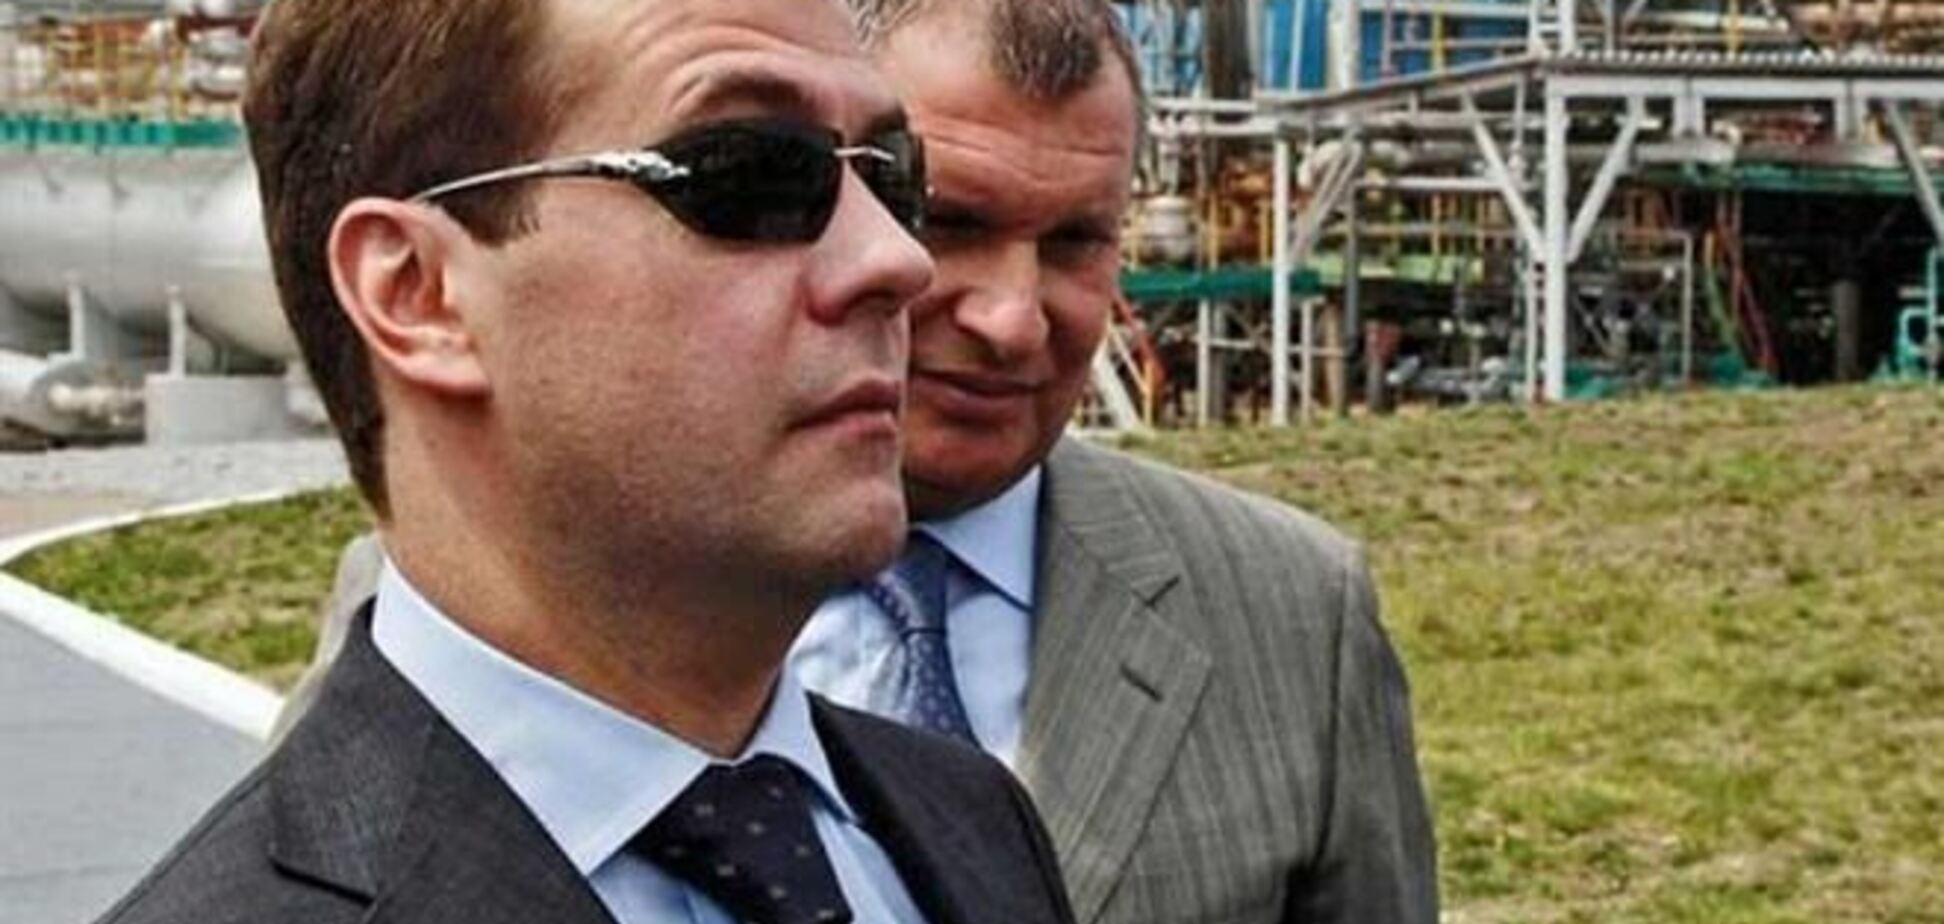 Медведев в женских очках рассмешил блогеров